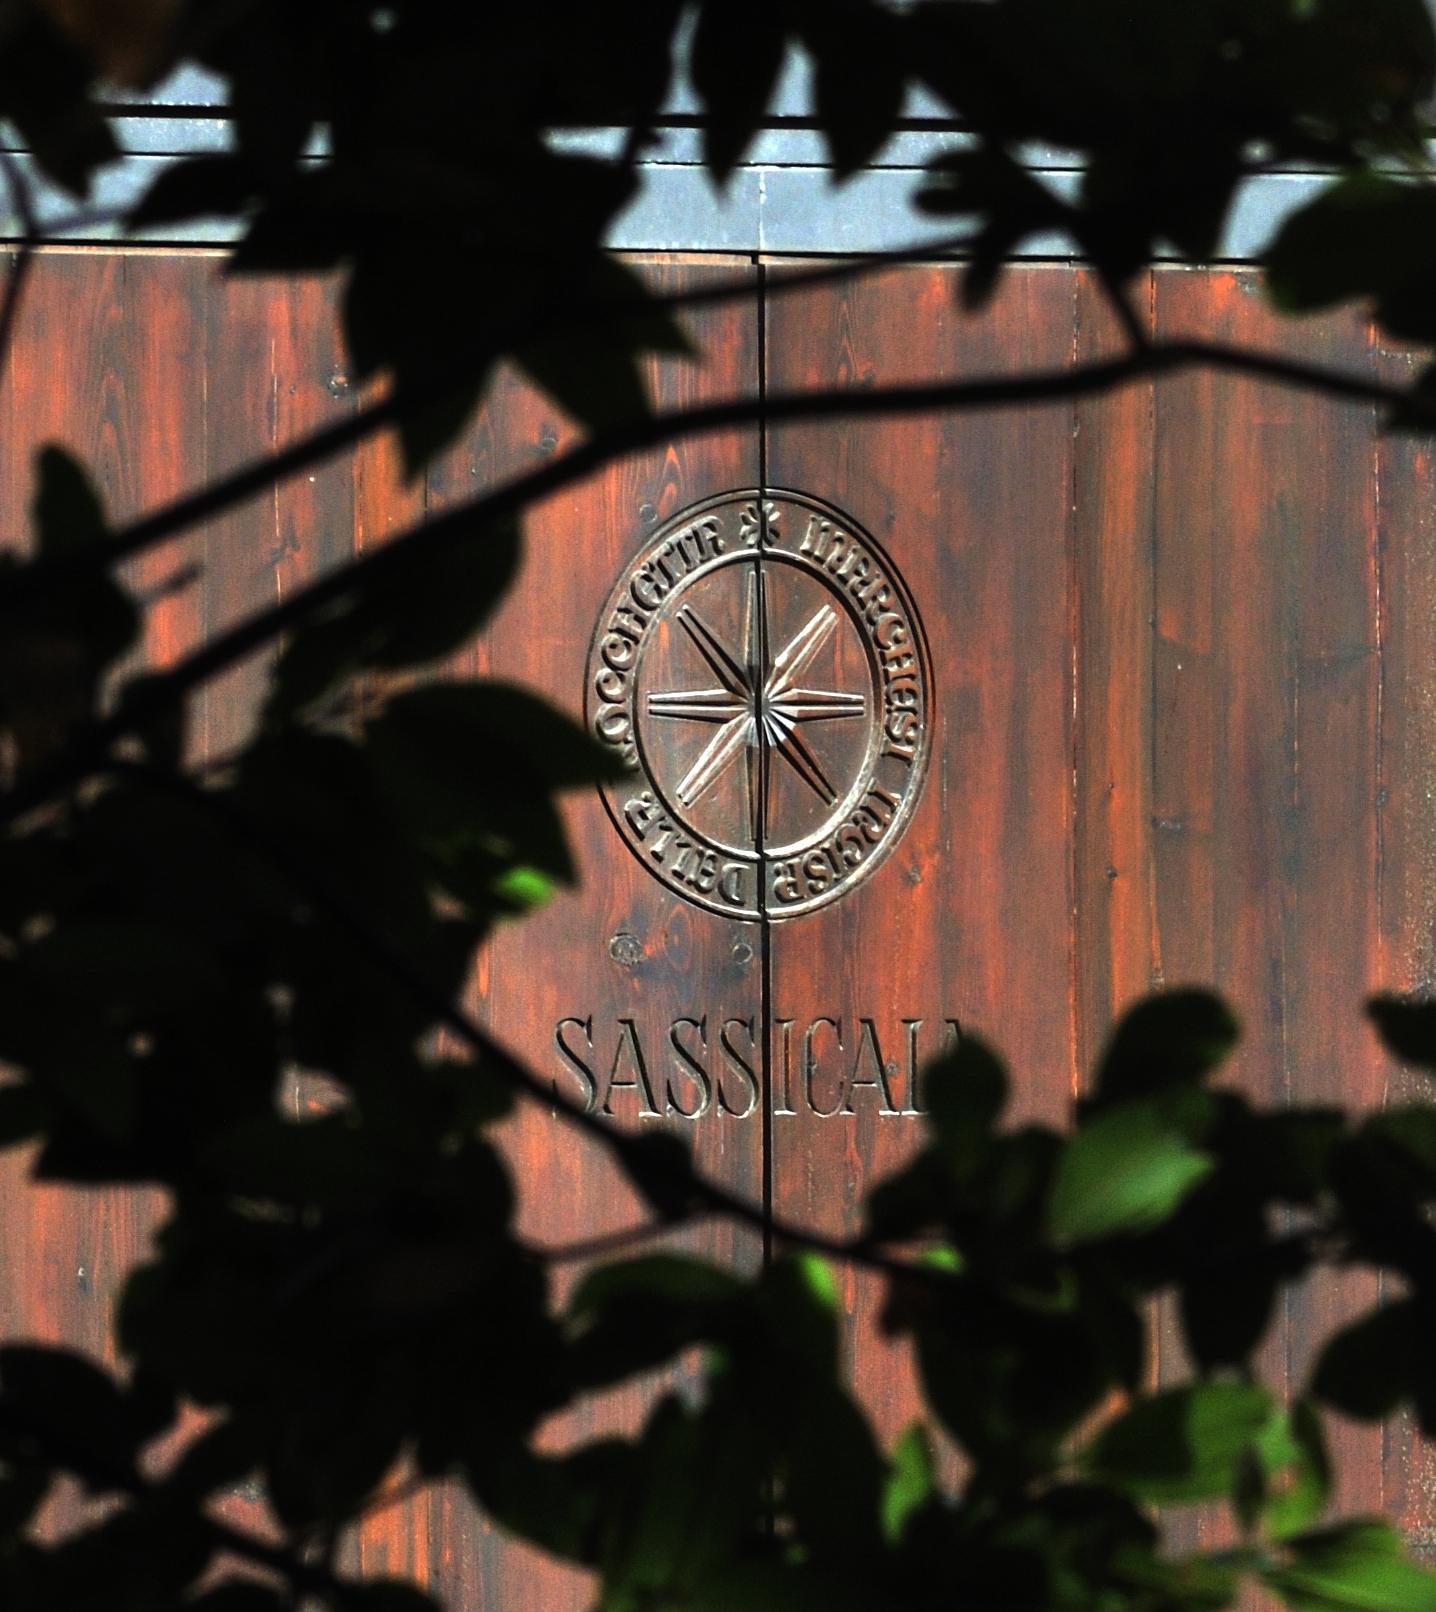 Il Sassicaia è un vino toscano d'eccellenza; nato a Bolgheri negli anni '40,oggi è uno dei migliori prodotti tipici della Toscana